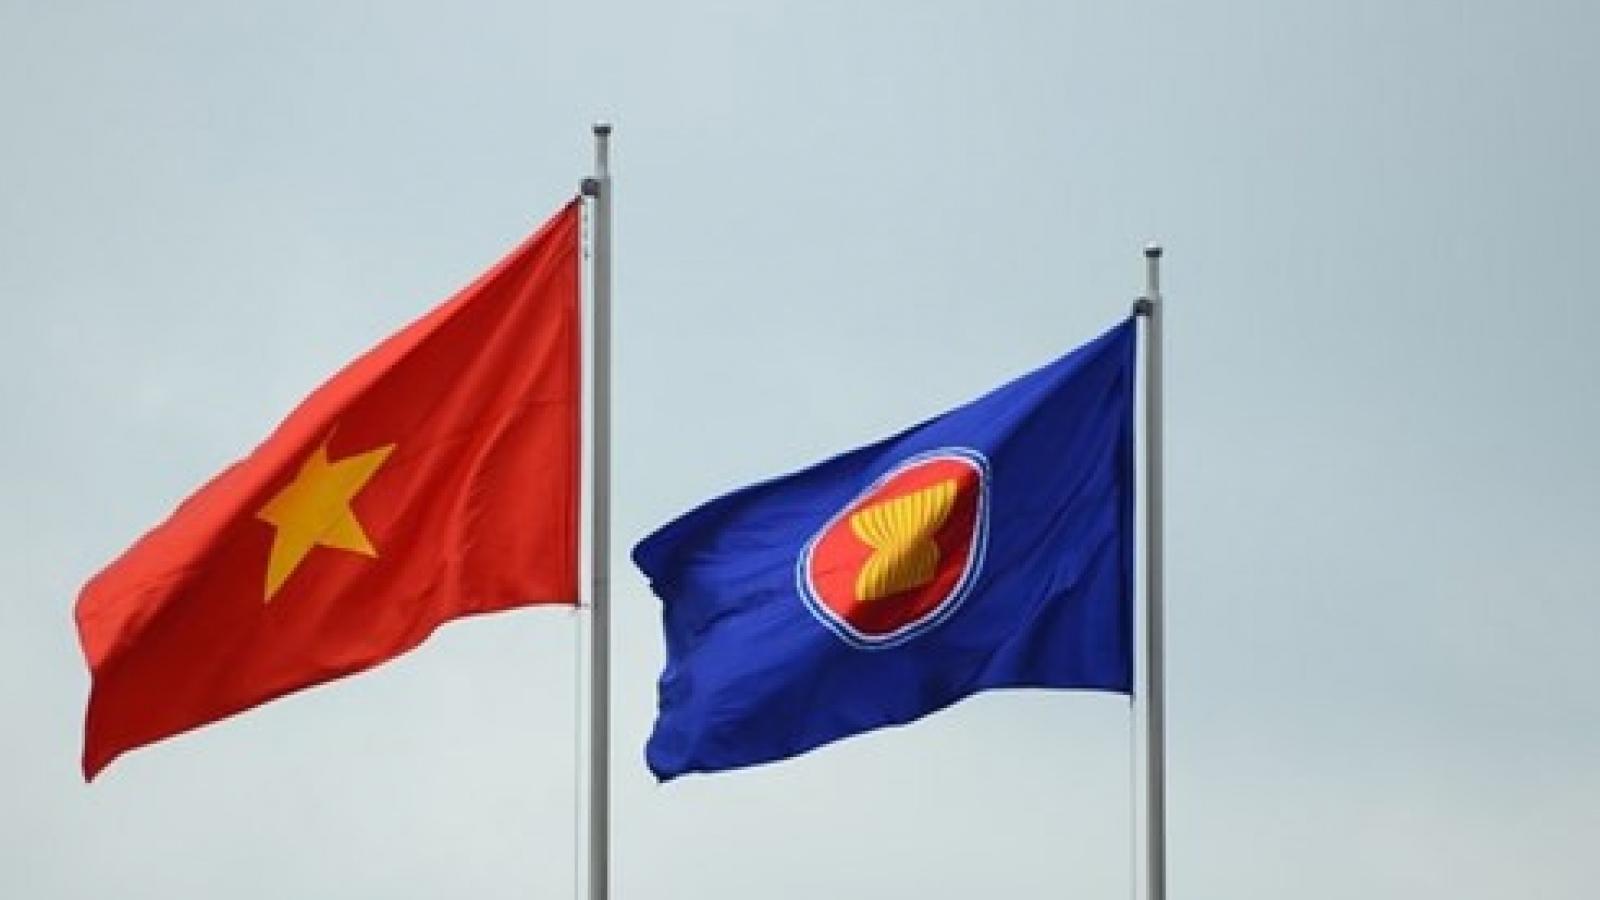 Truyền thông Thái Lan đánh giá cao vai trò của Việt Nam trong ASEAN